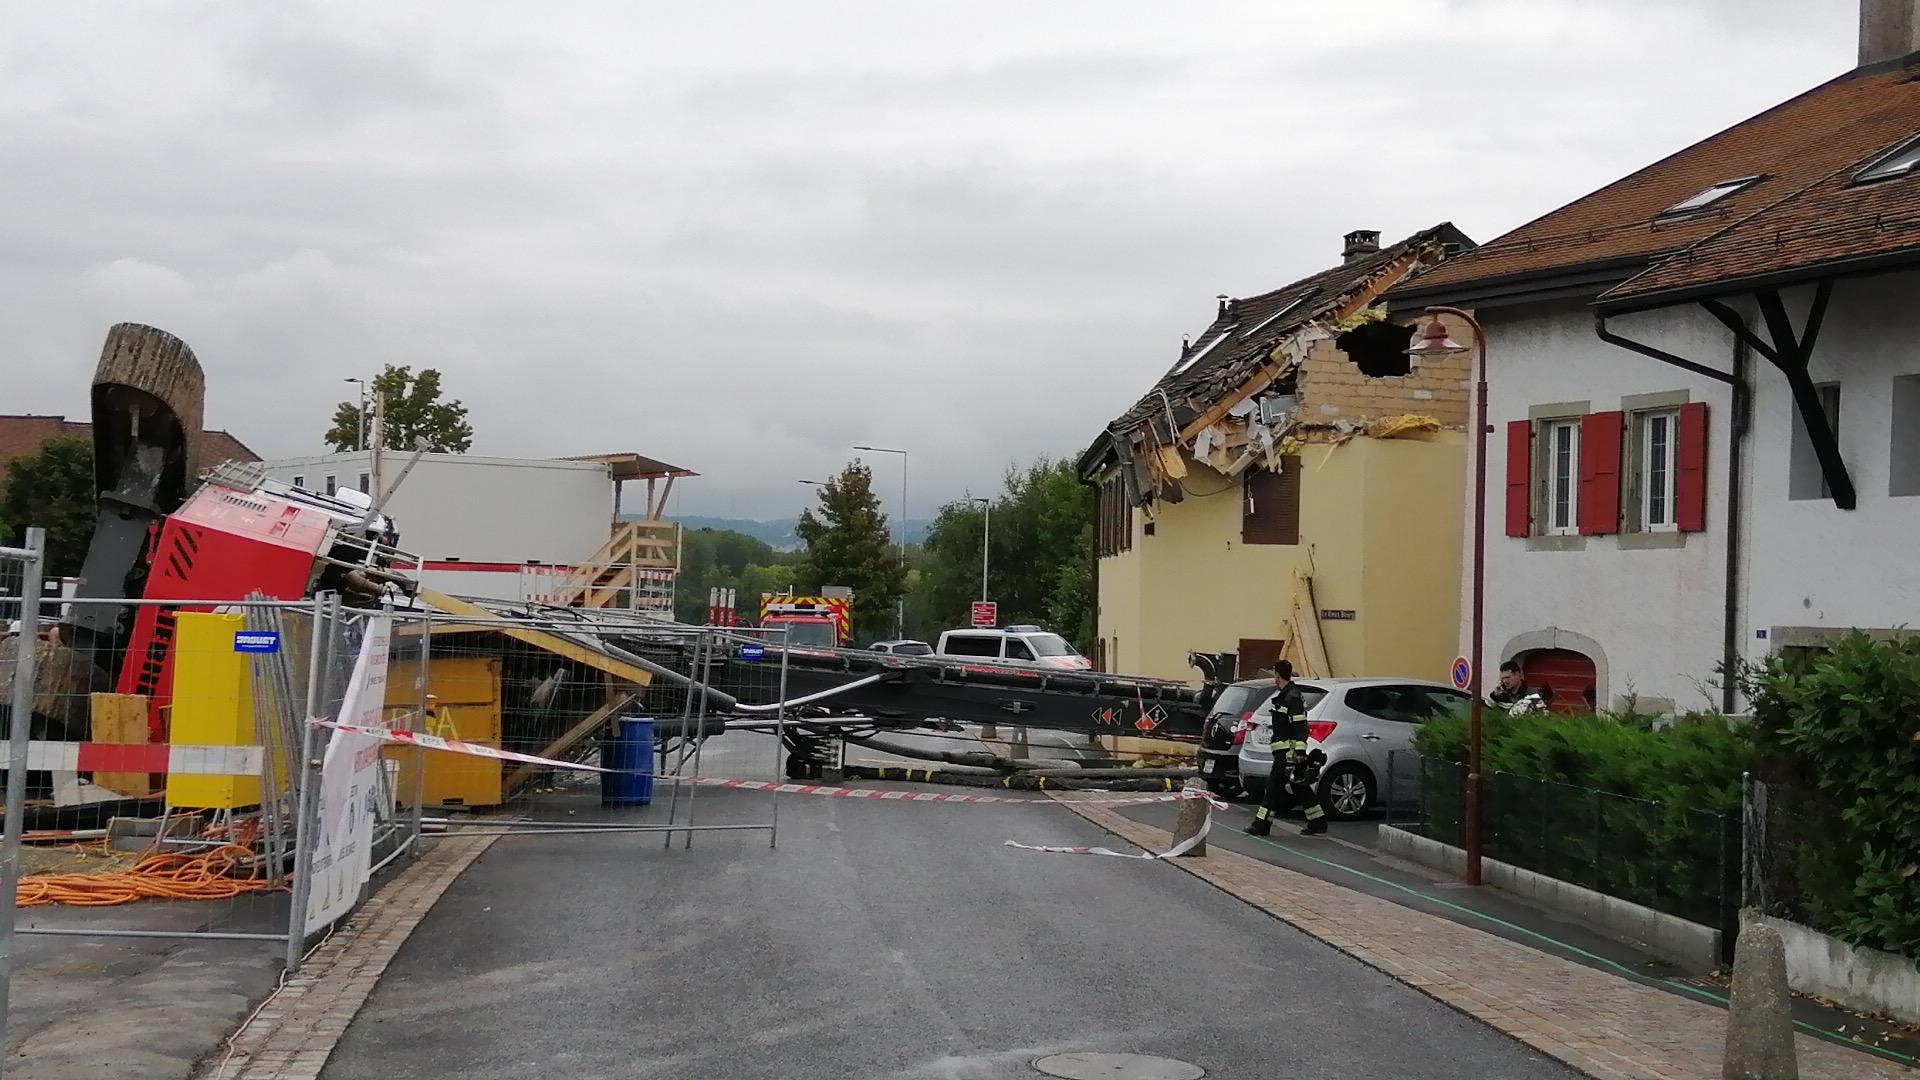 Une foreuse s'effondre sur une maison à Denges